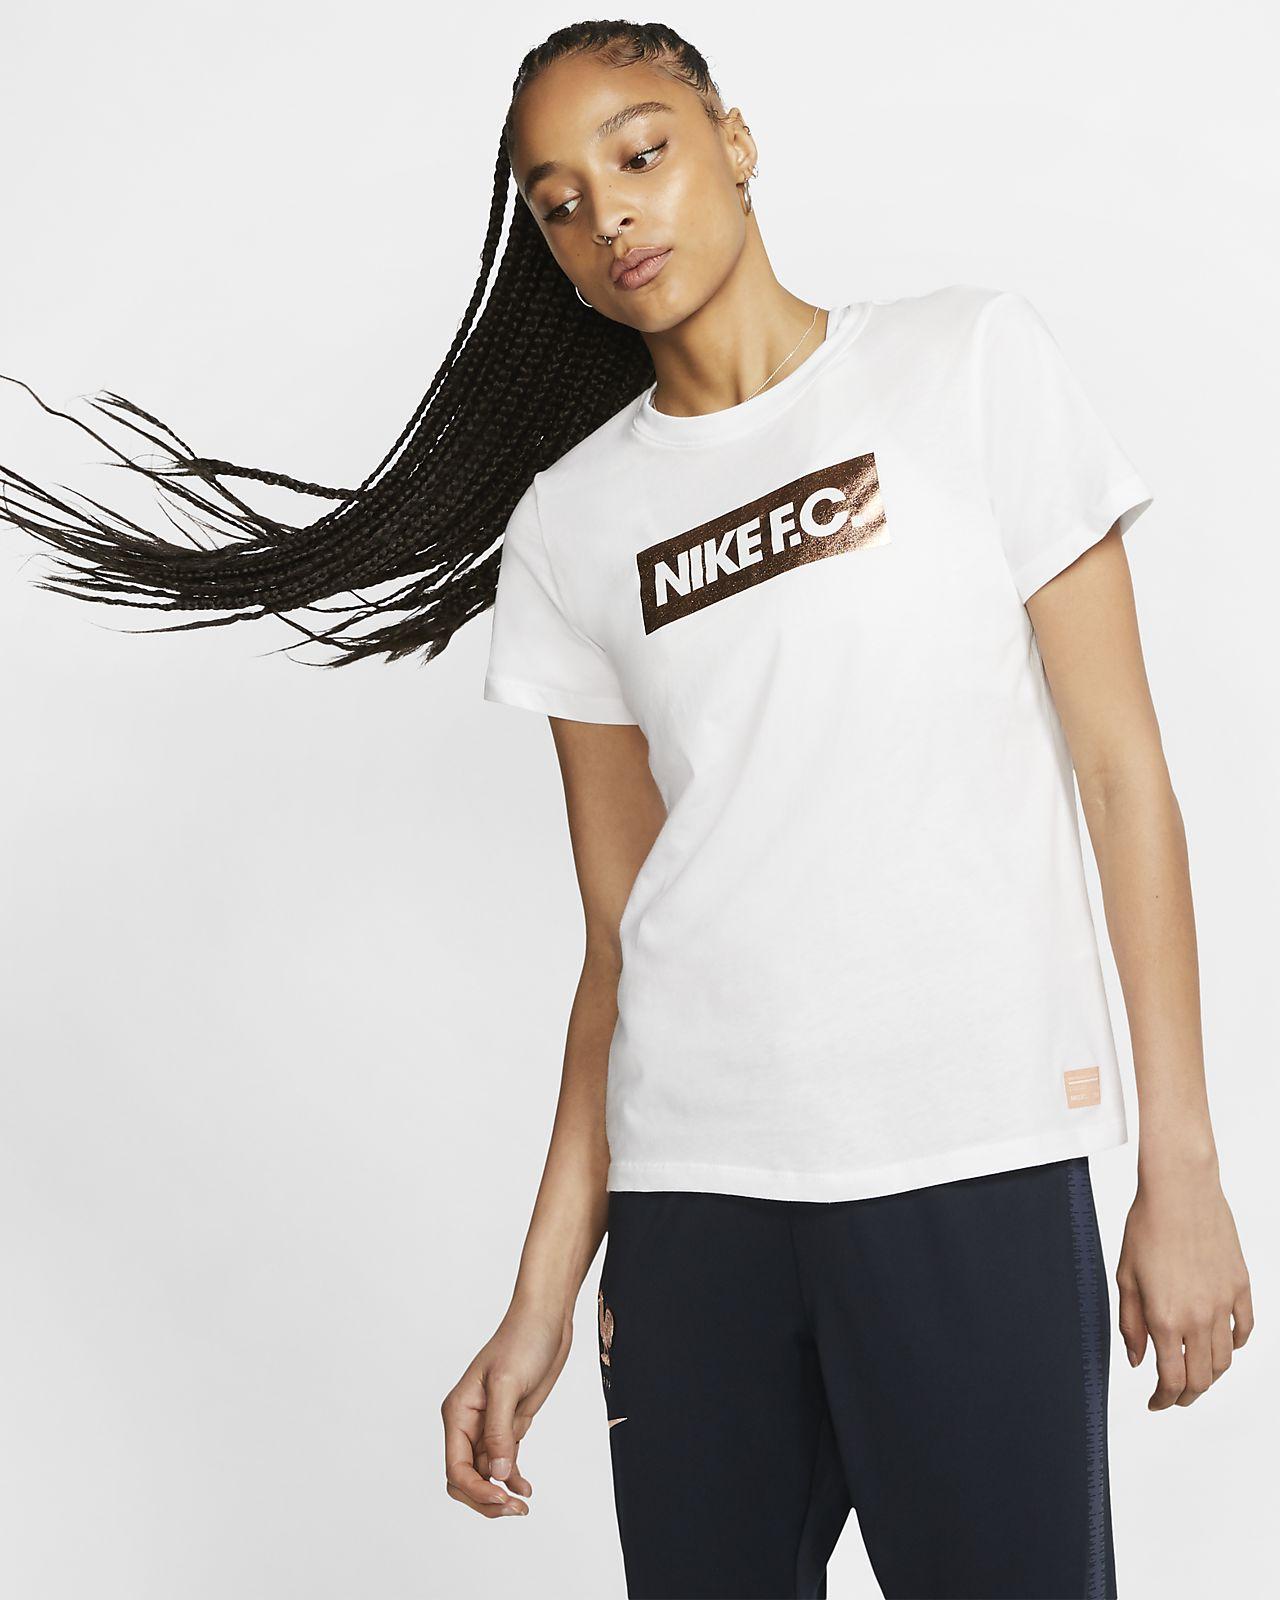 Γυναικείο ποδοσφαιρικό T-Shirt Nike F.C.